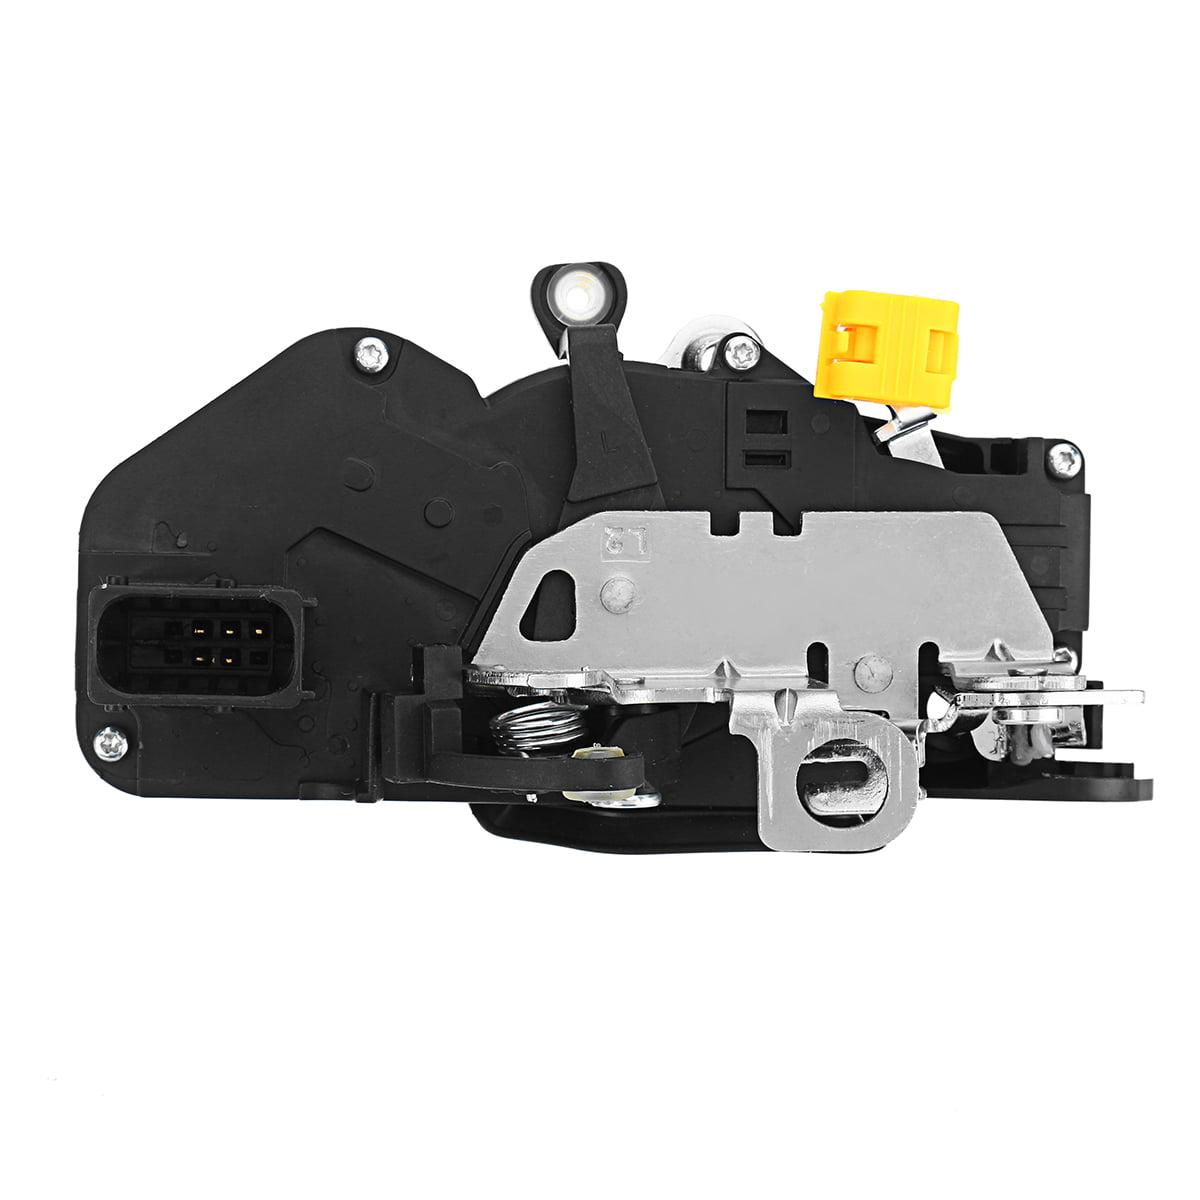 New For SUBURBAN TAHOE YUKON 20783846 Power Door Lock Actuator Front Left